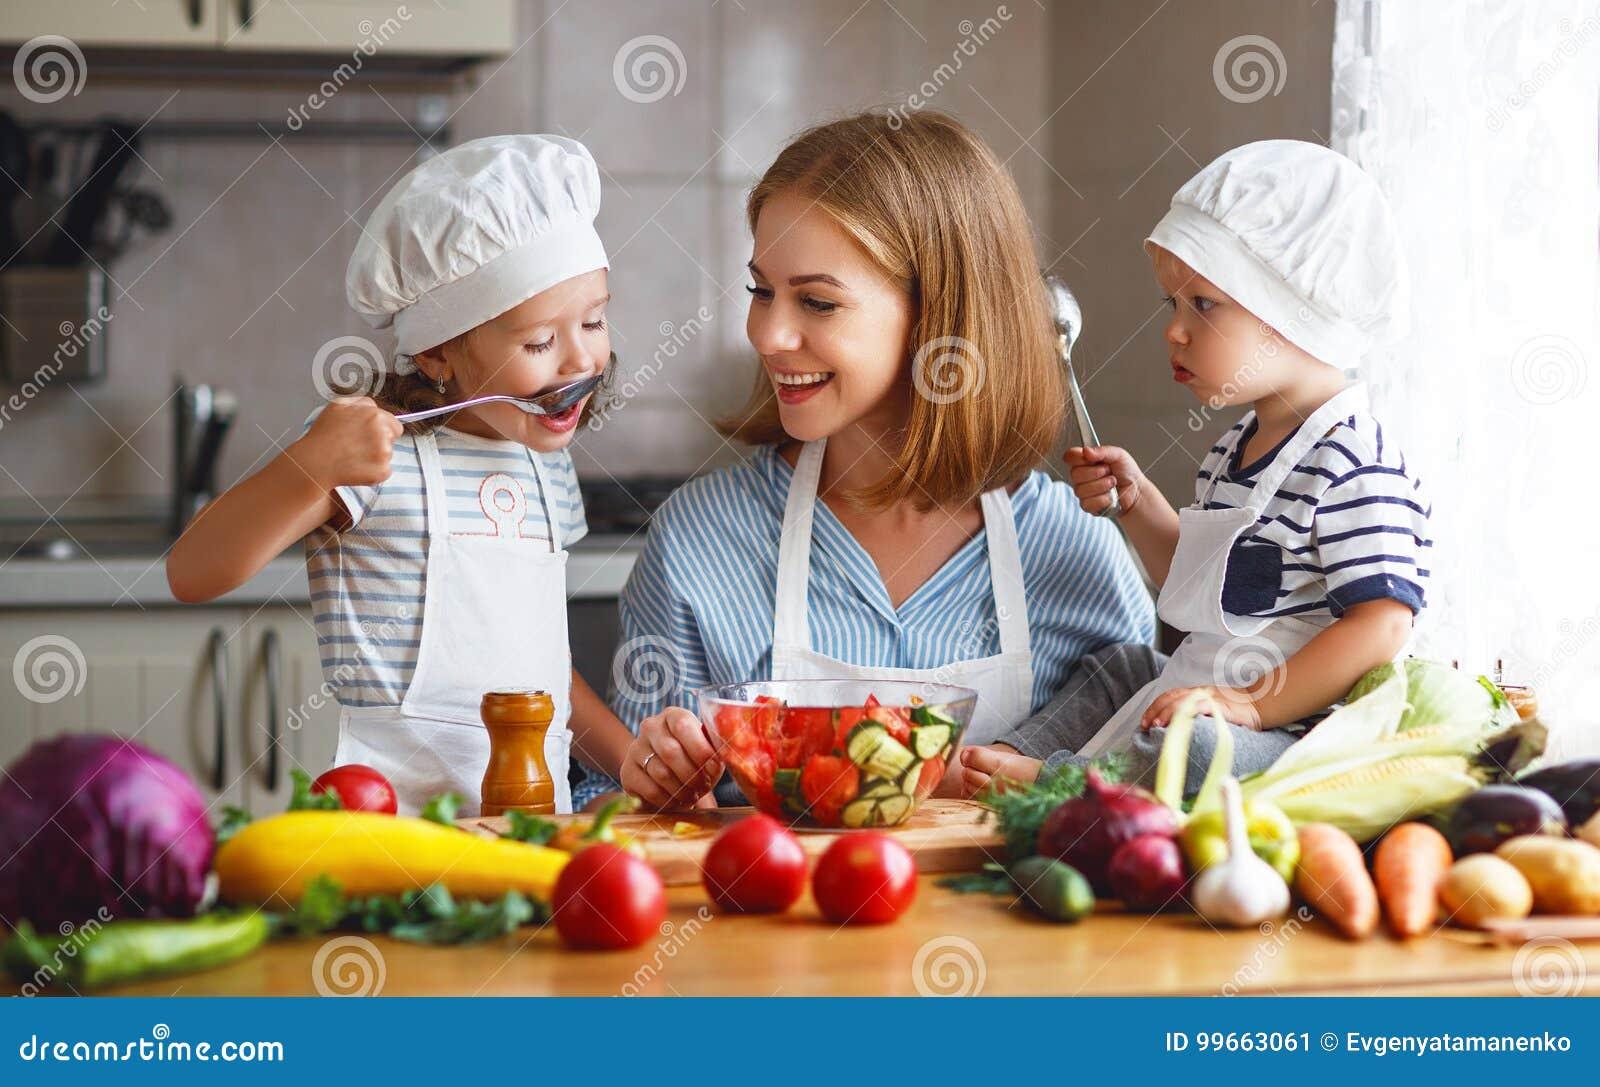 äta som är sunt Den lyckliga familjmodern och barn förbereder grönsaksallad